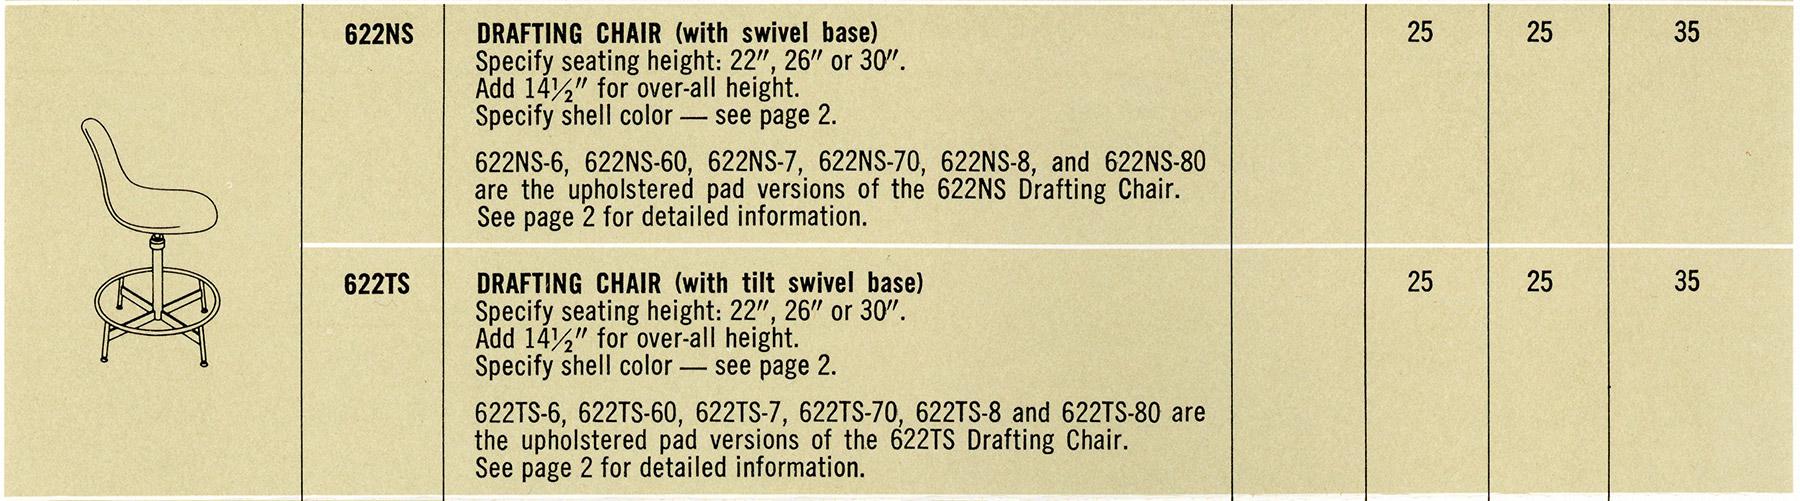 622NS-Specs.jpg